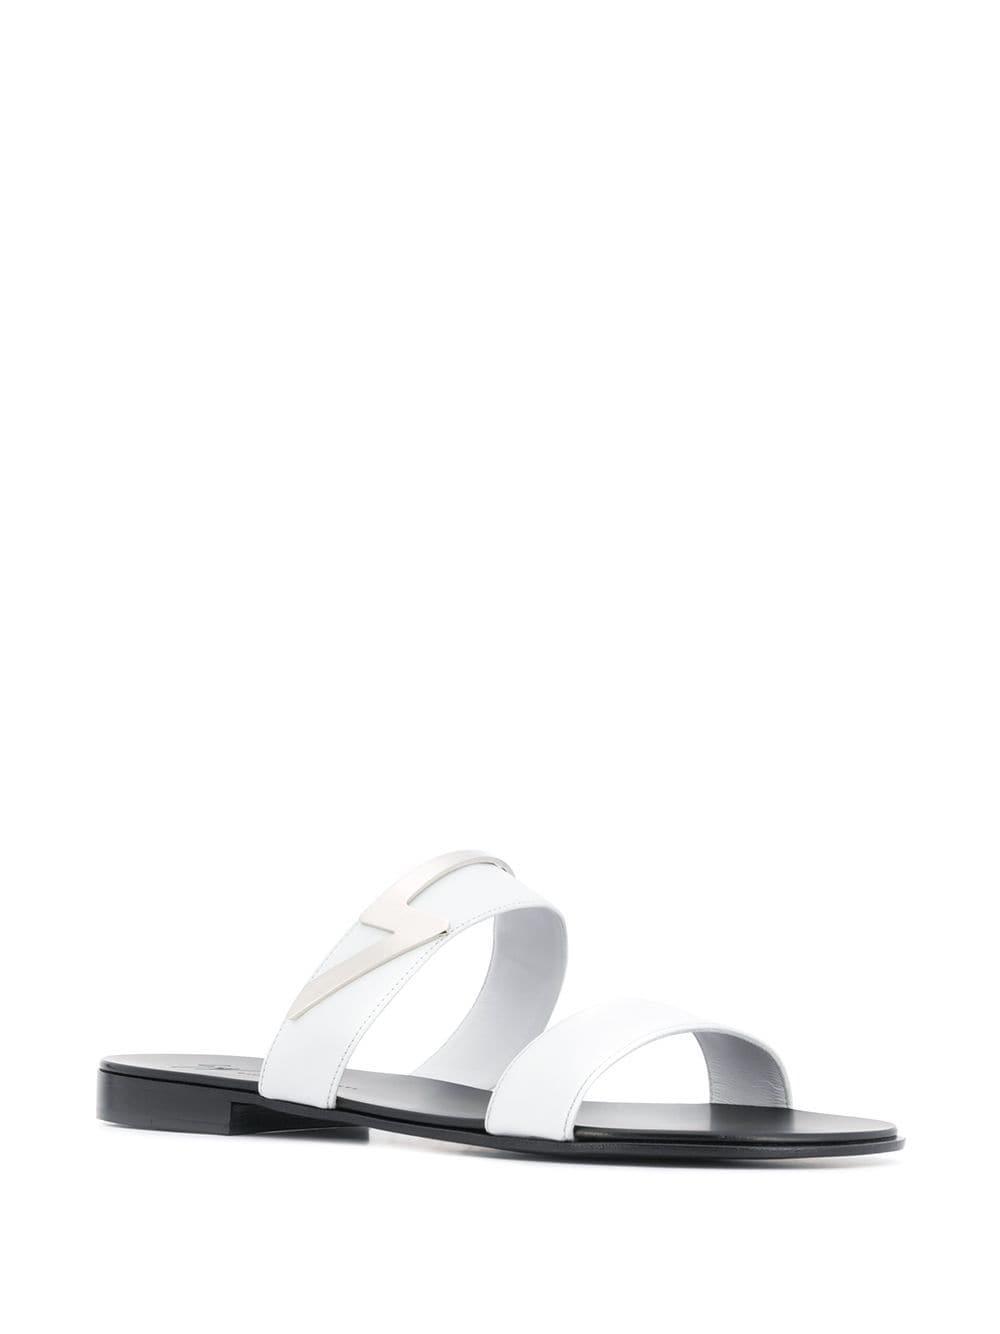 273607c32d462 Giuseppe Zanotti Zak Flash Sandals in White for Men - Lyst